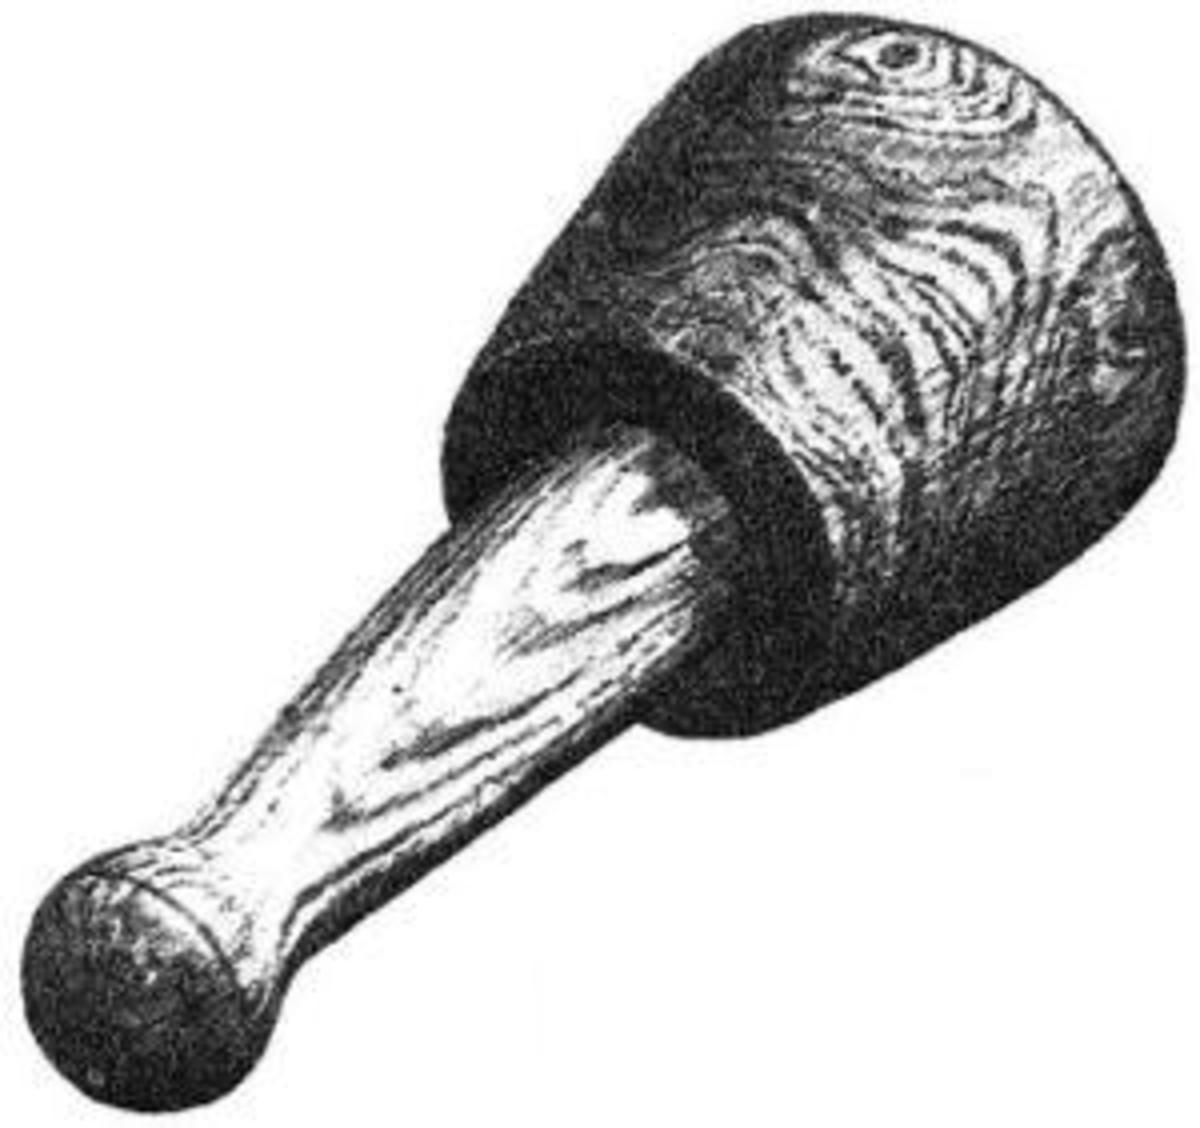 Malleus - an ancient hammer